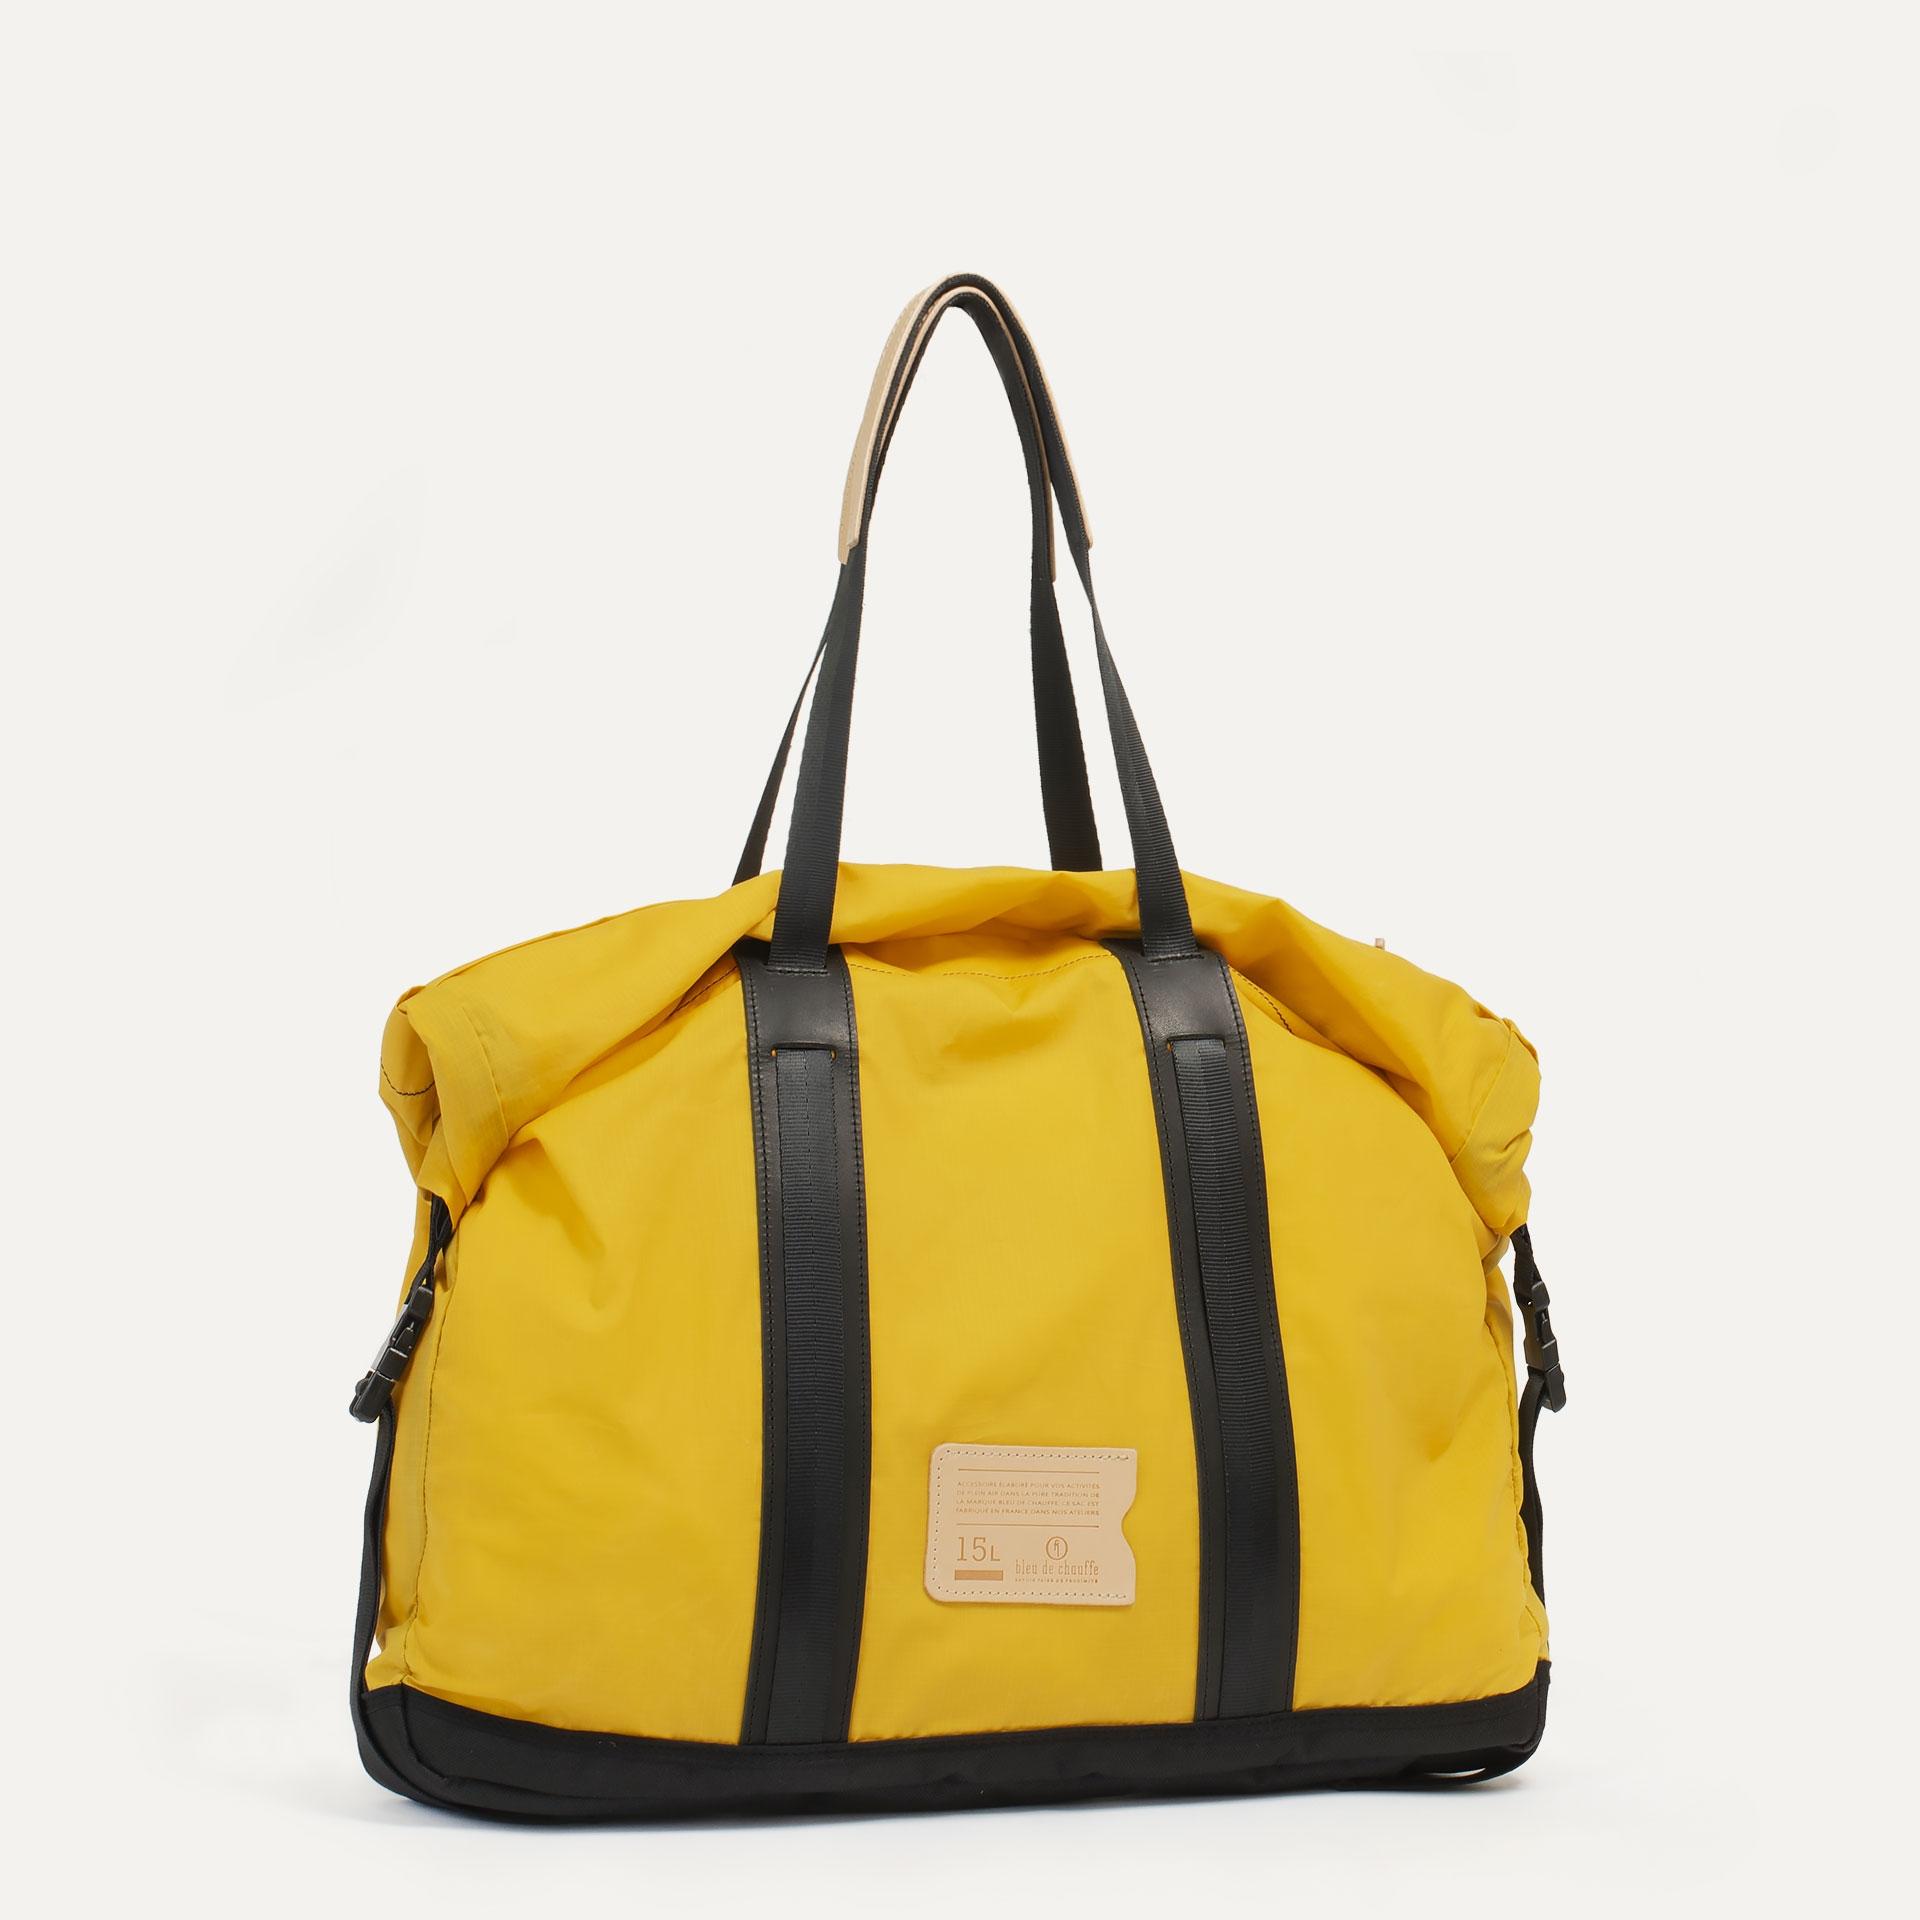 15L Barda Tote bag - Sun Yellow (image n°2)